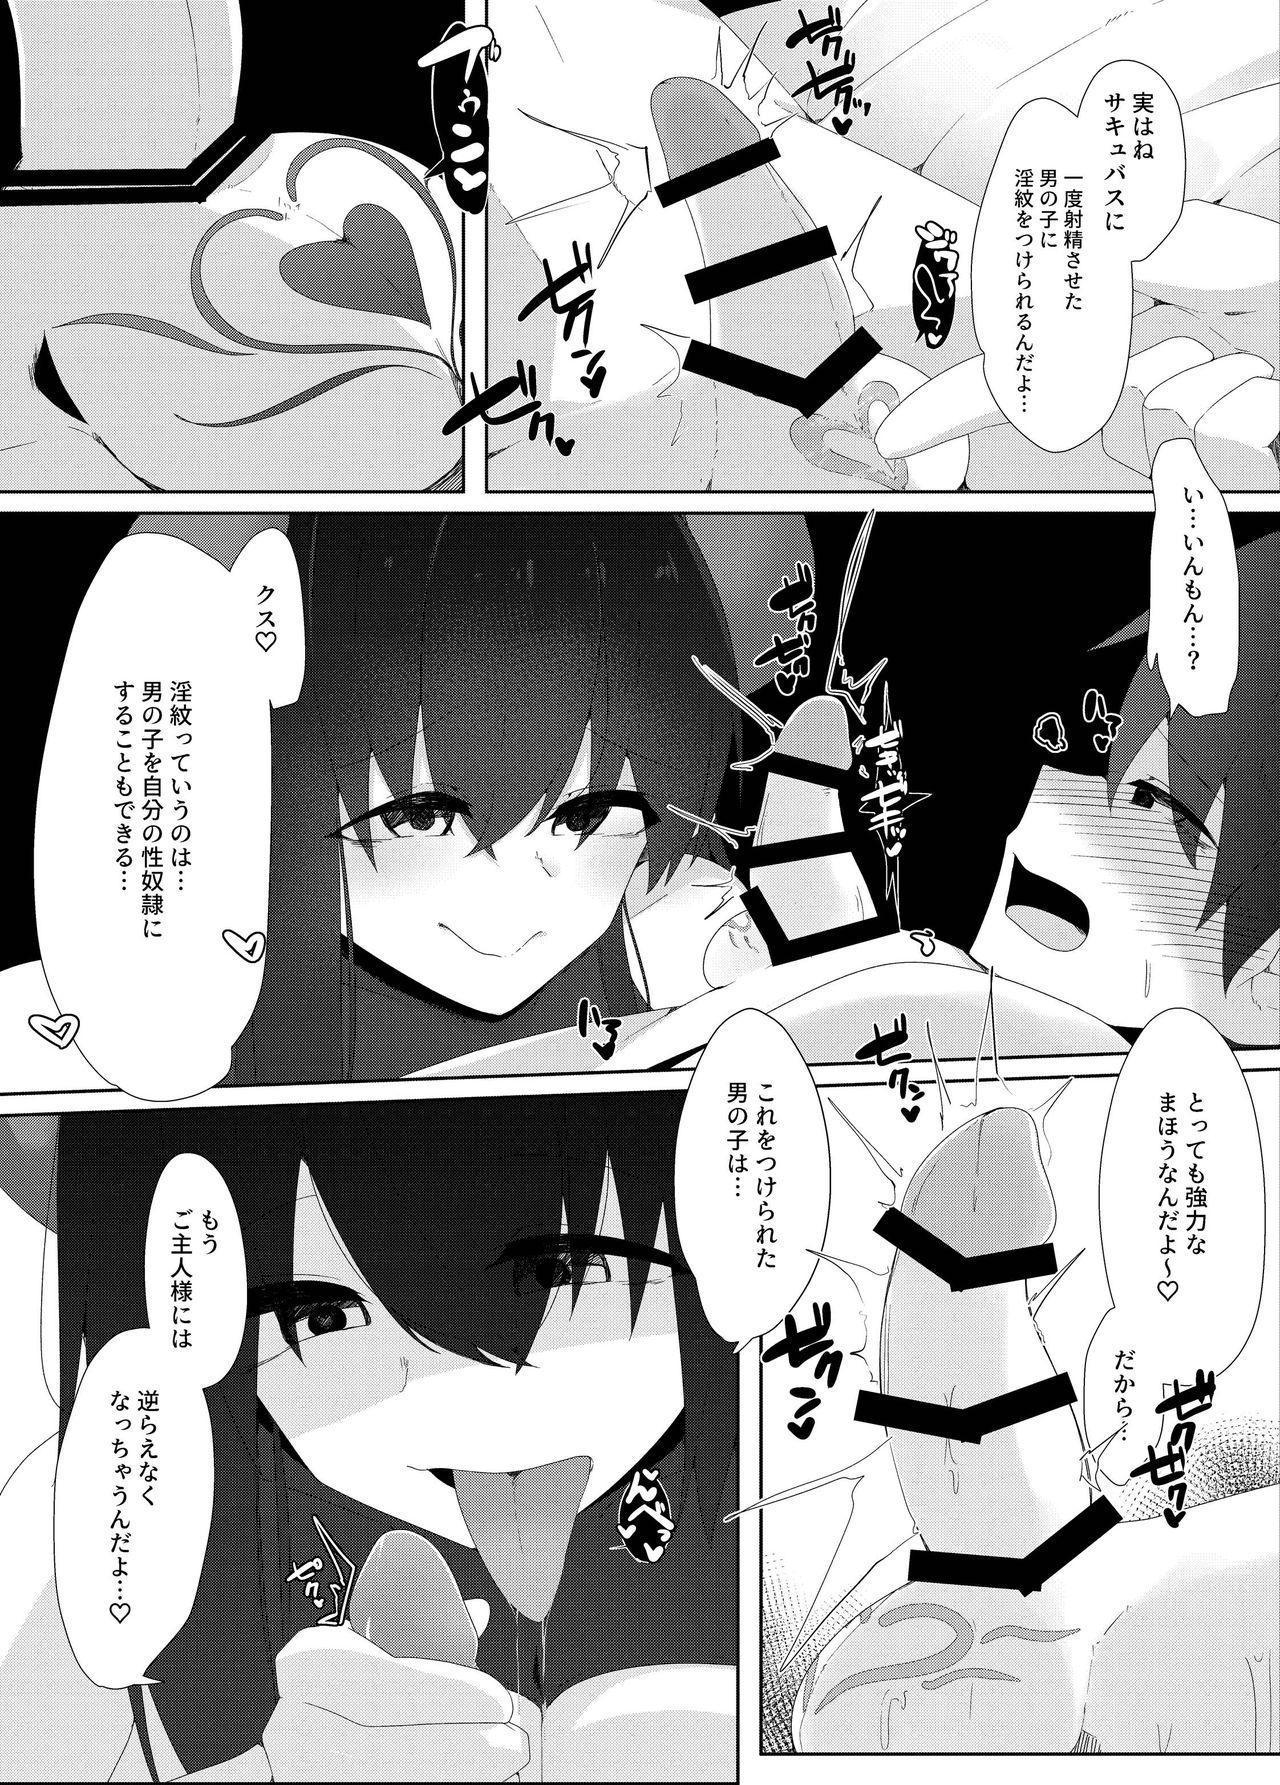 Tenkousei no Succubus ga 〇 Gakkou o Nottori Sakusei Shisetsu ni Shichau Hanashi 20